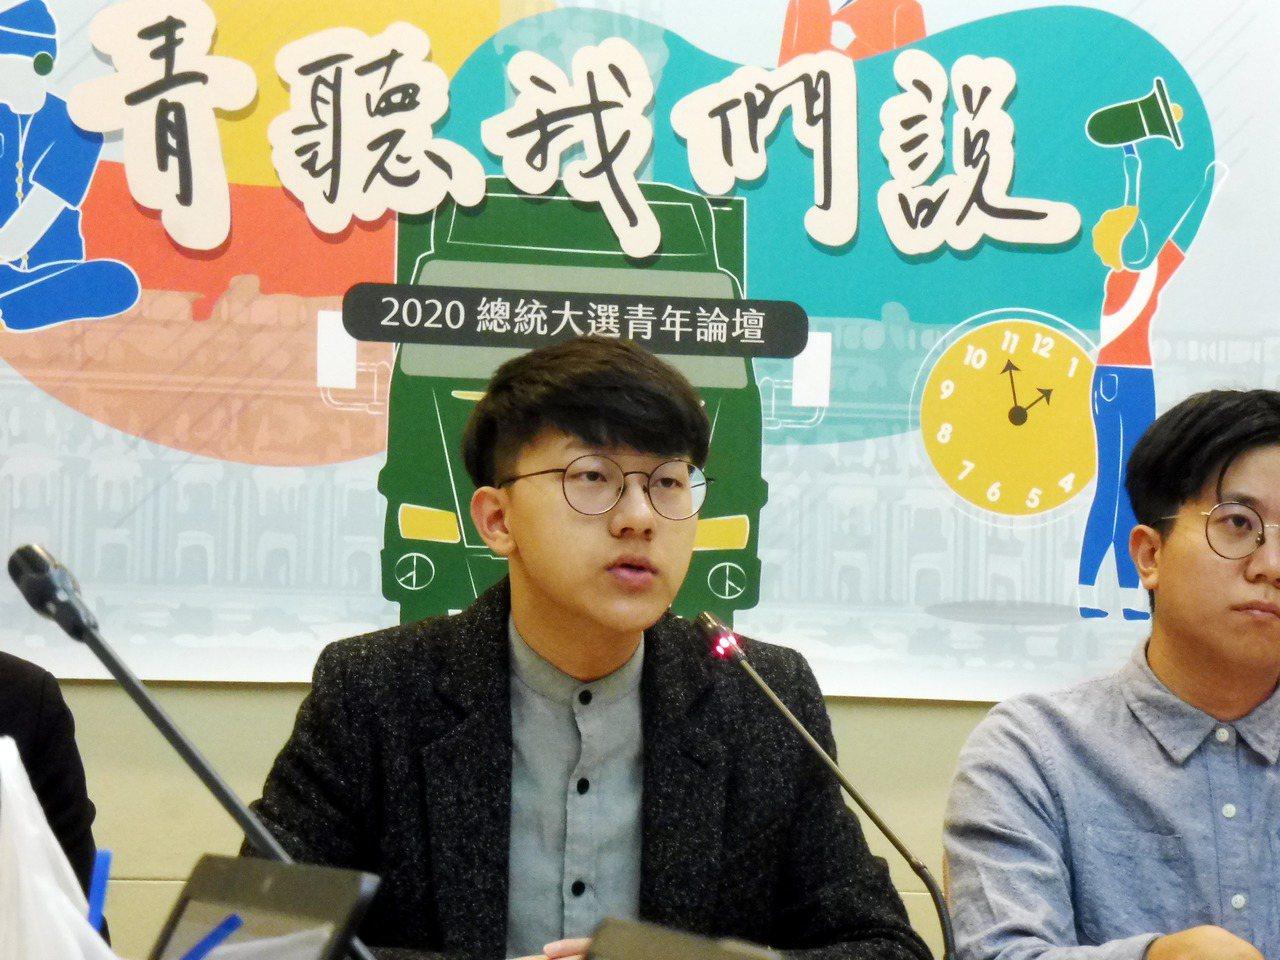 台灣青年民主協會理事長林彥廷。記者賴于榛/攝影